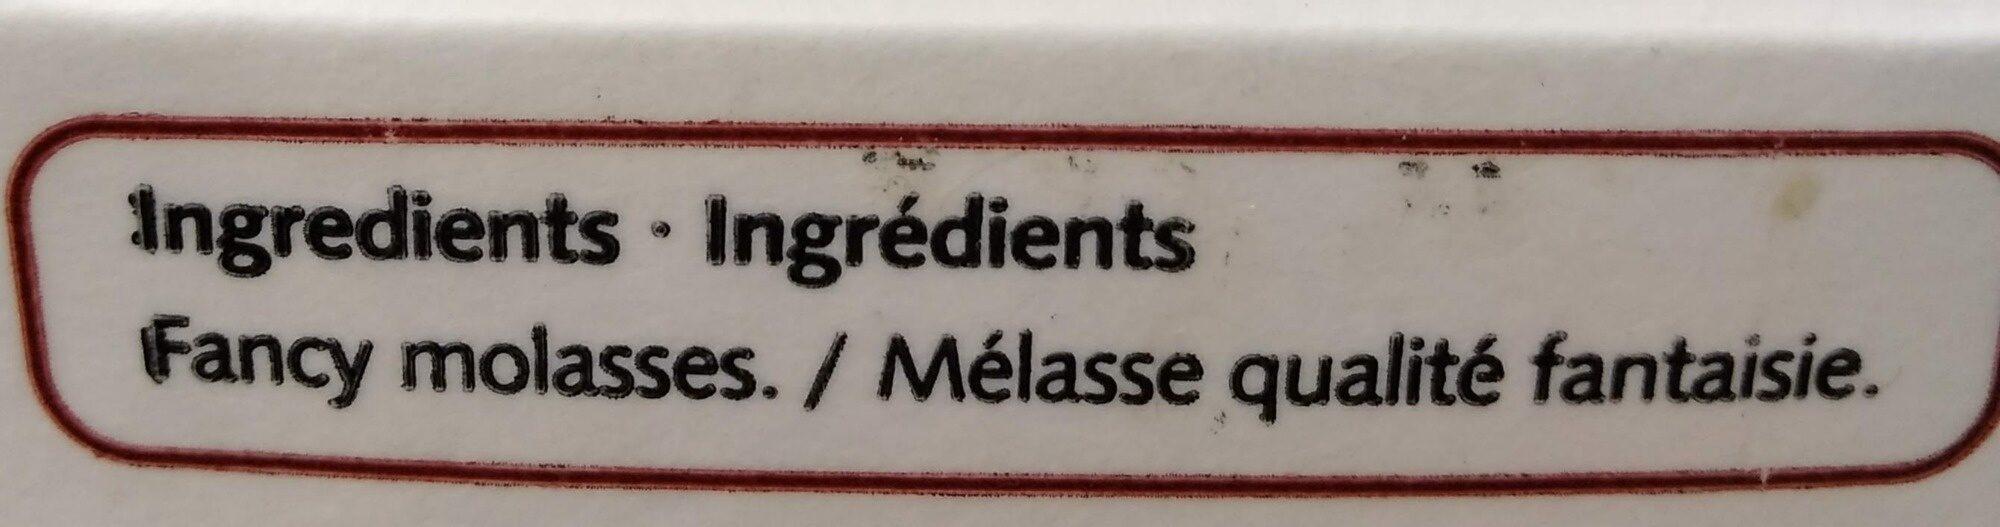 Fancy molasses - Ingrédients - fr